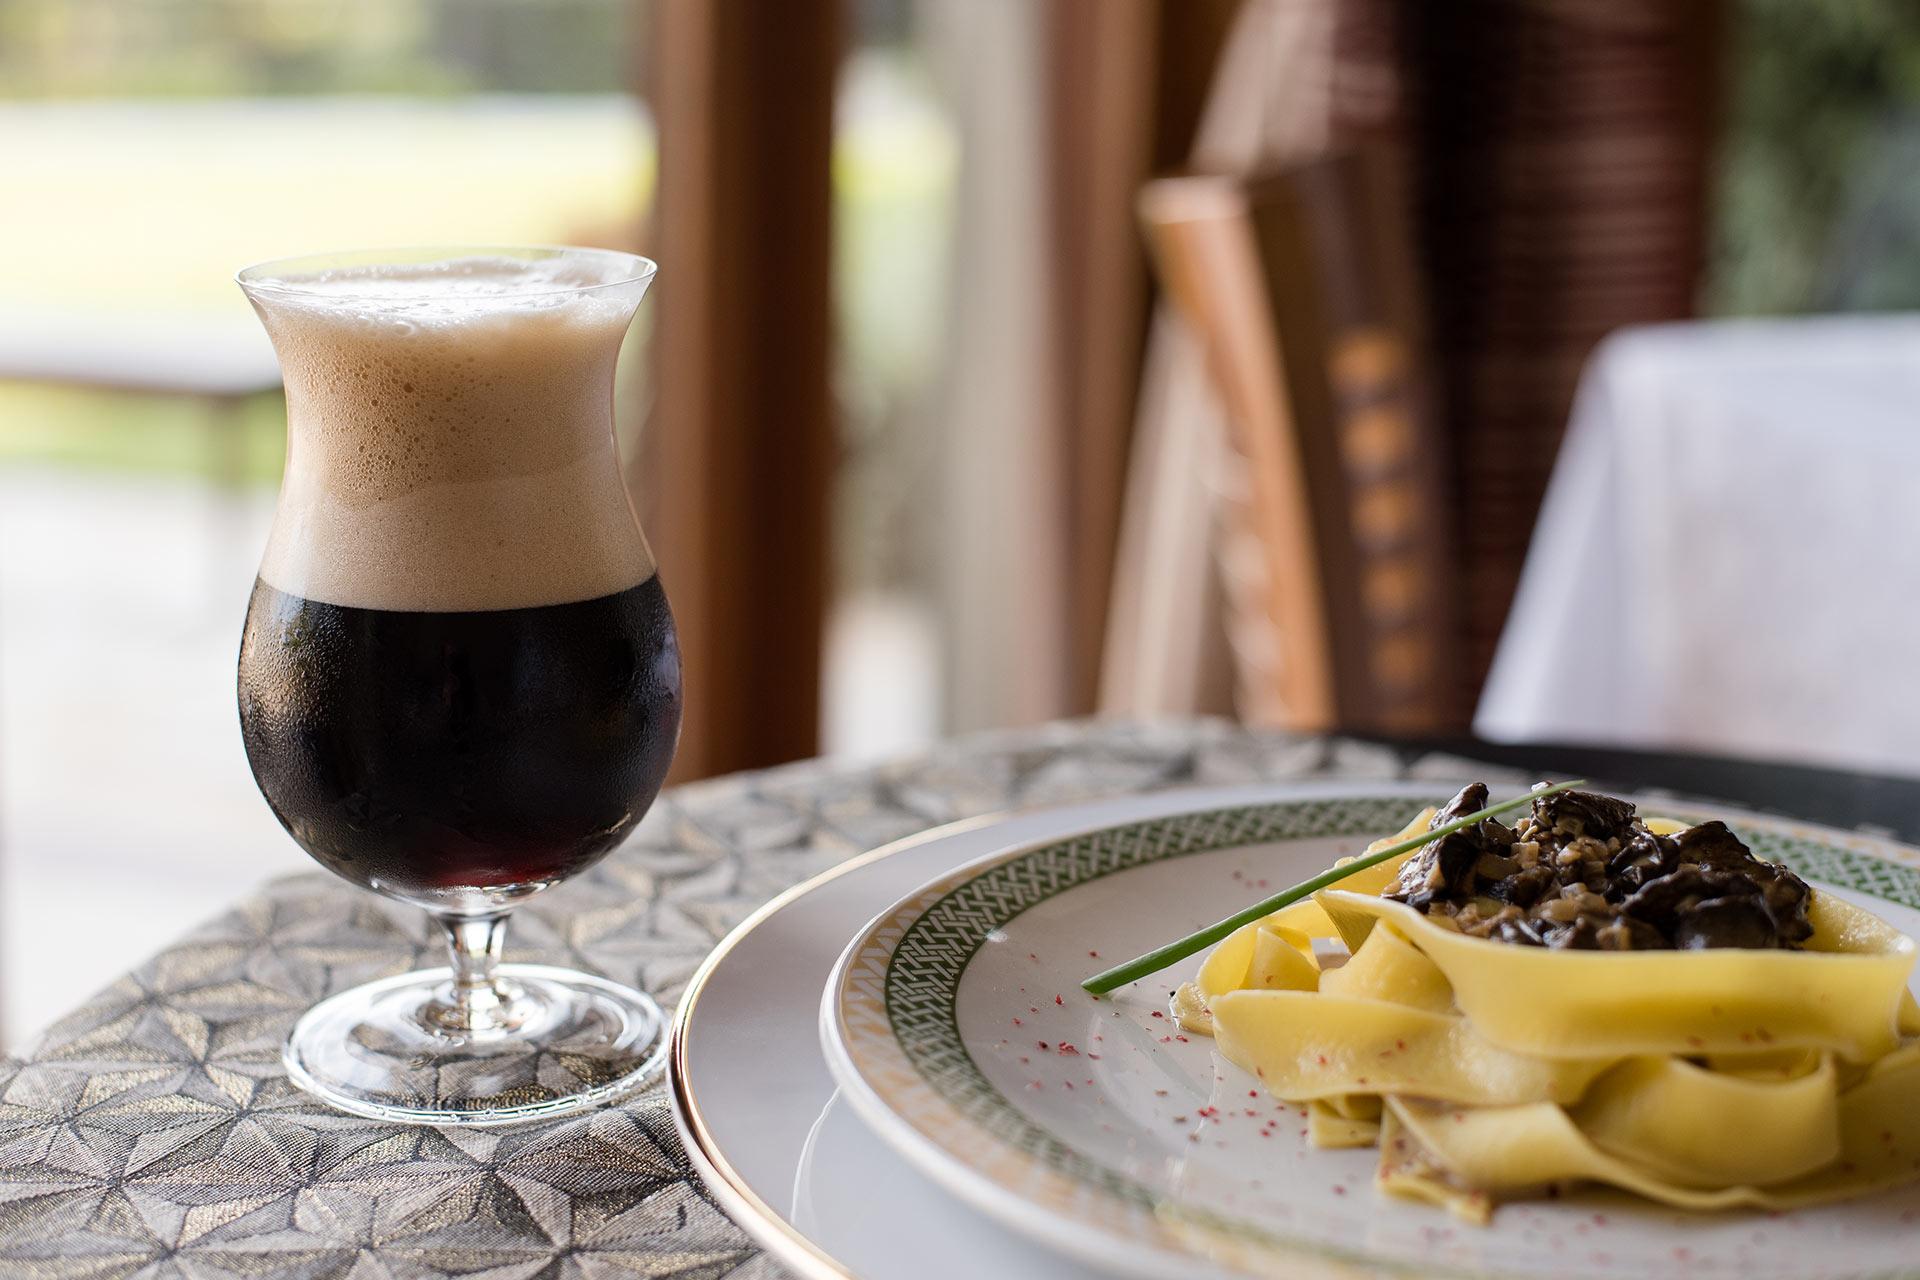 Imagem: O sabor amadeirado do funghi secchi é perfeito para harmonizar com o gosto marcante das cervejas negras estilo Porter. Foto: Karla Rudnick.